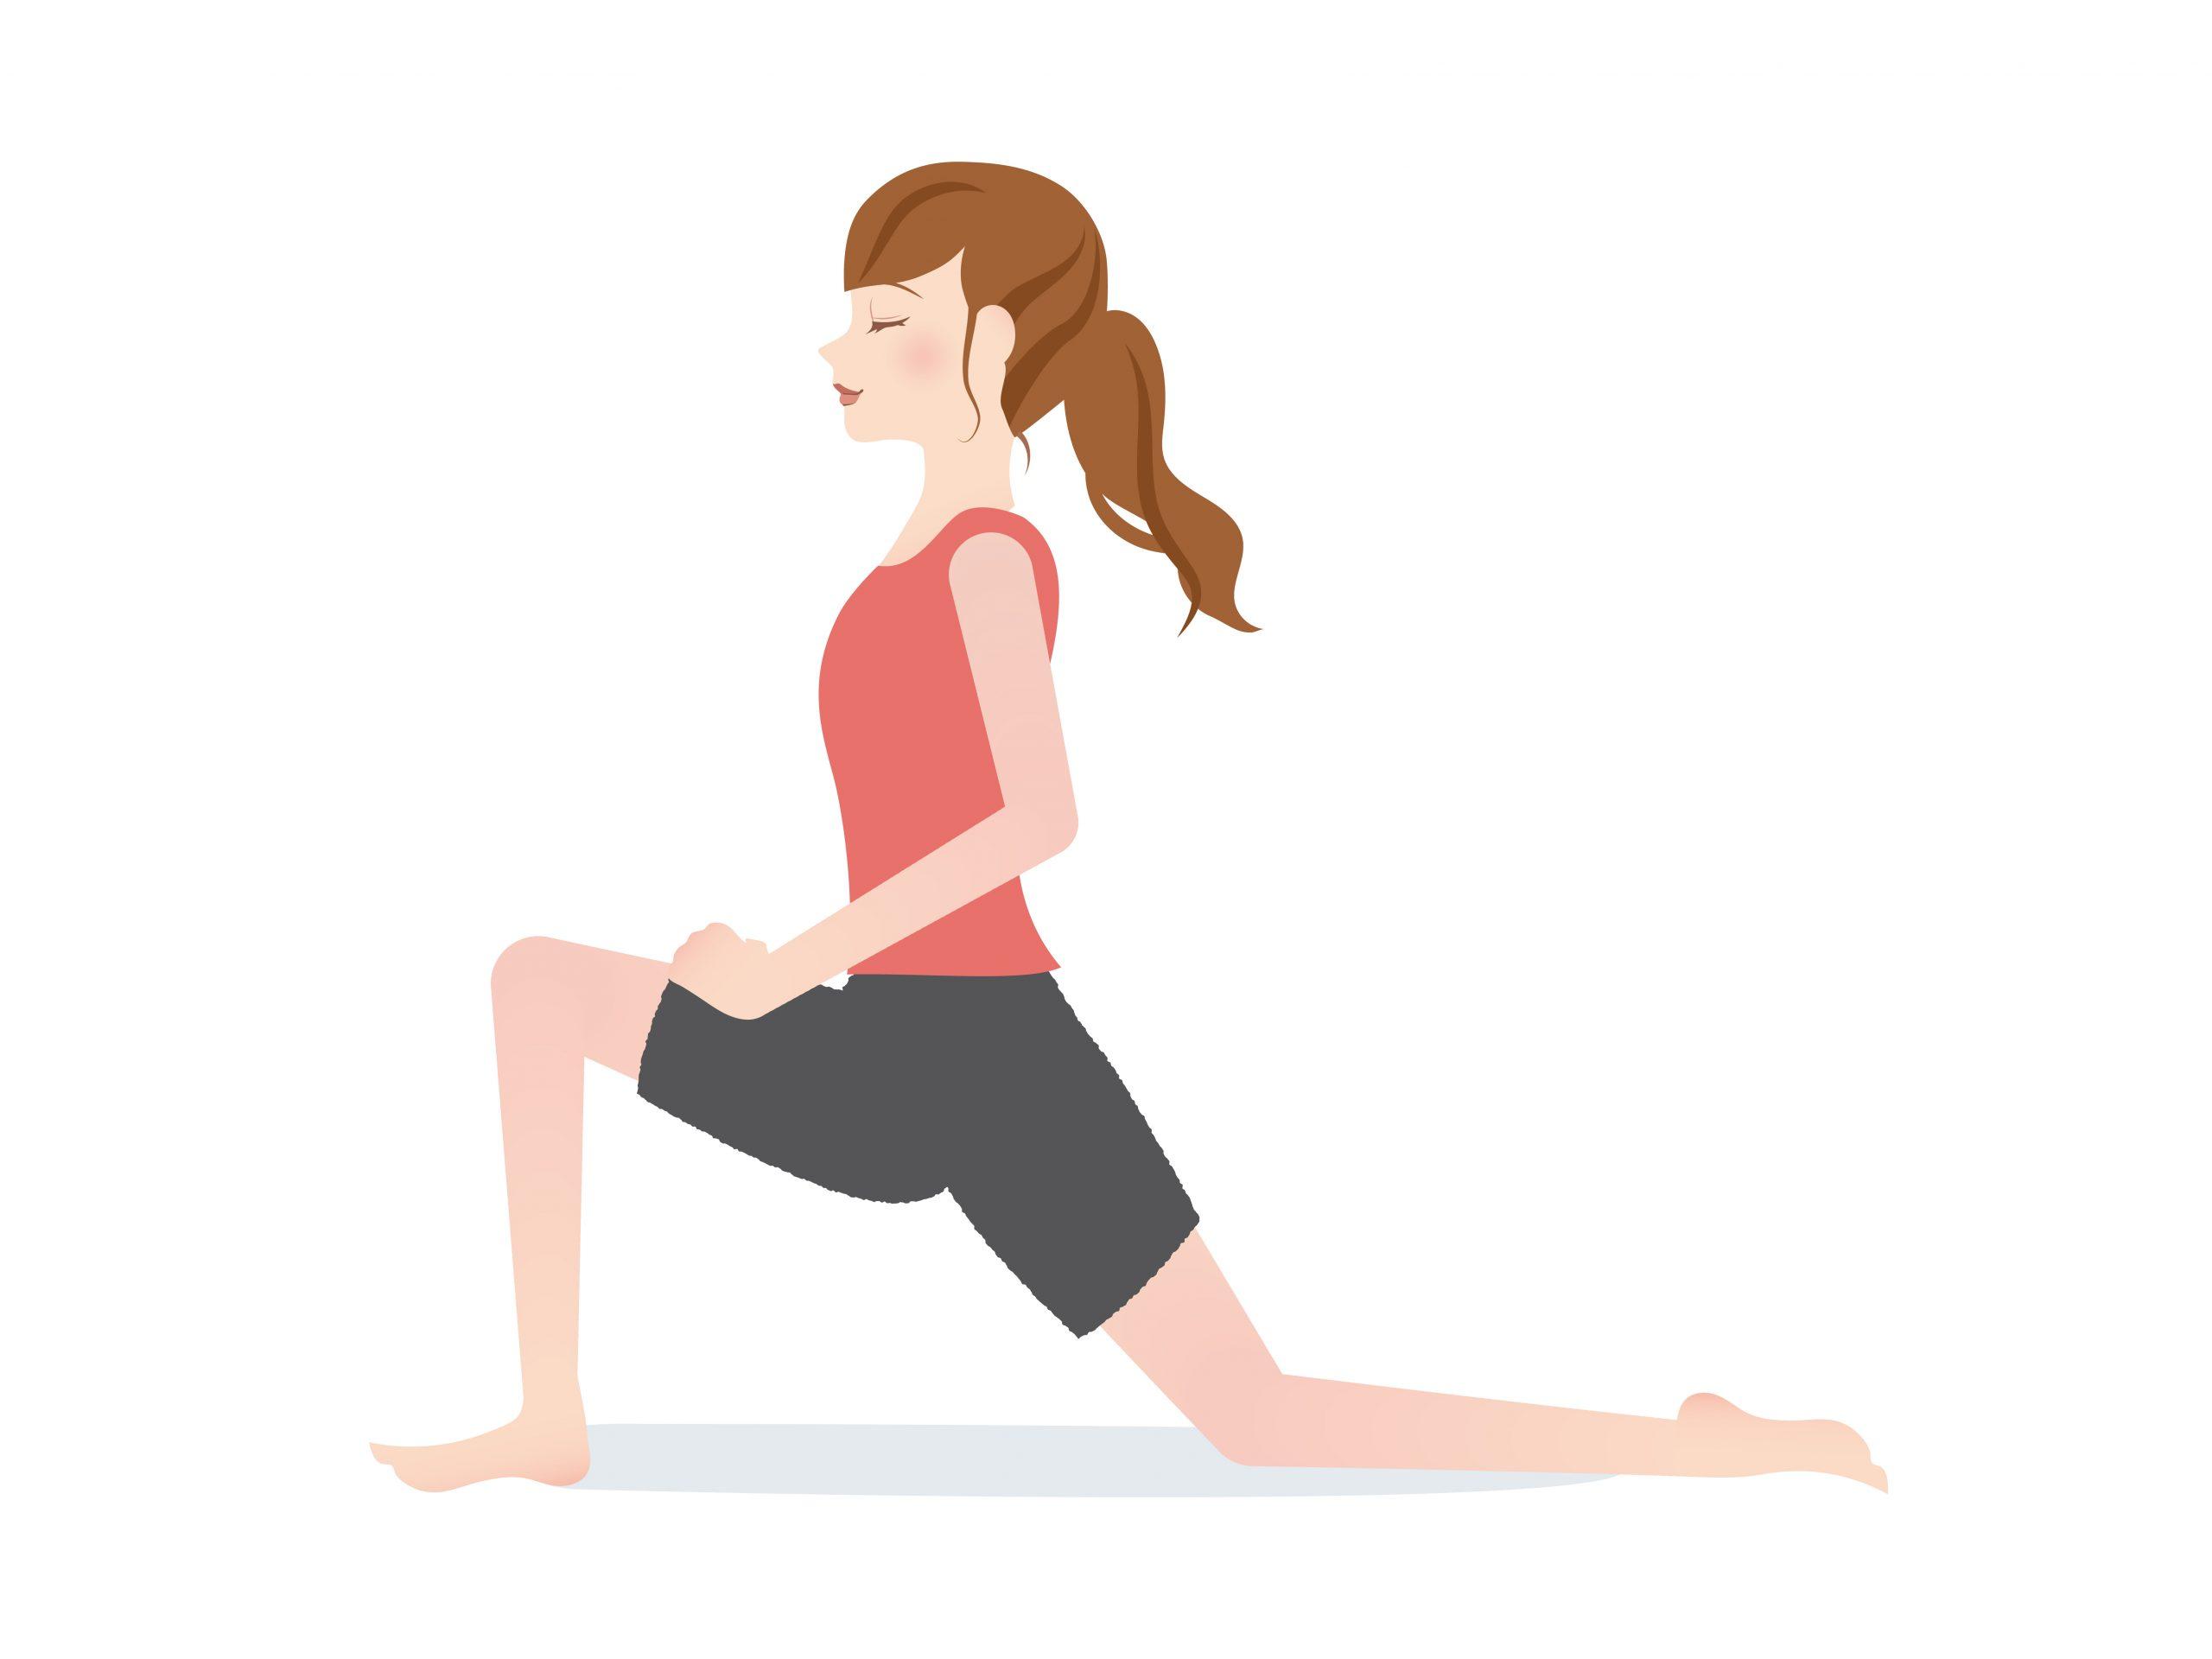 産後の膝痛を改善するためのストレッチエクササイズ